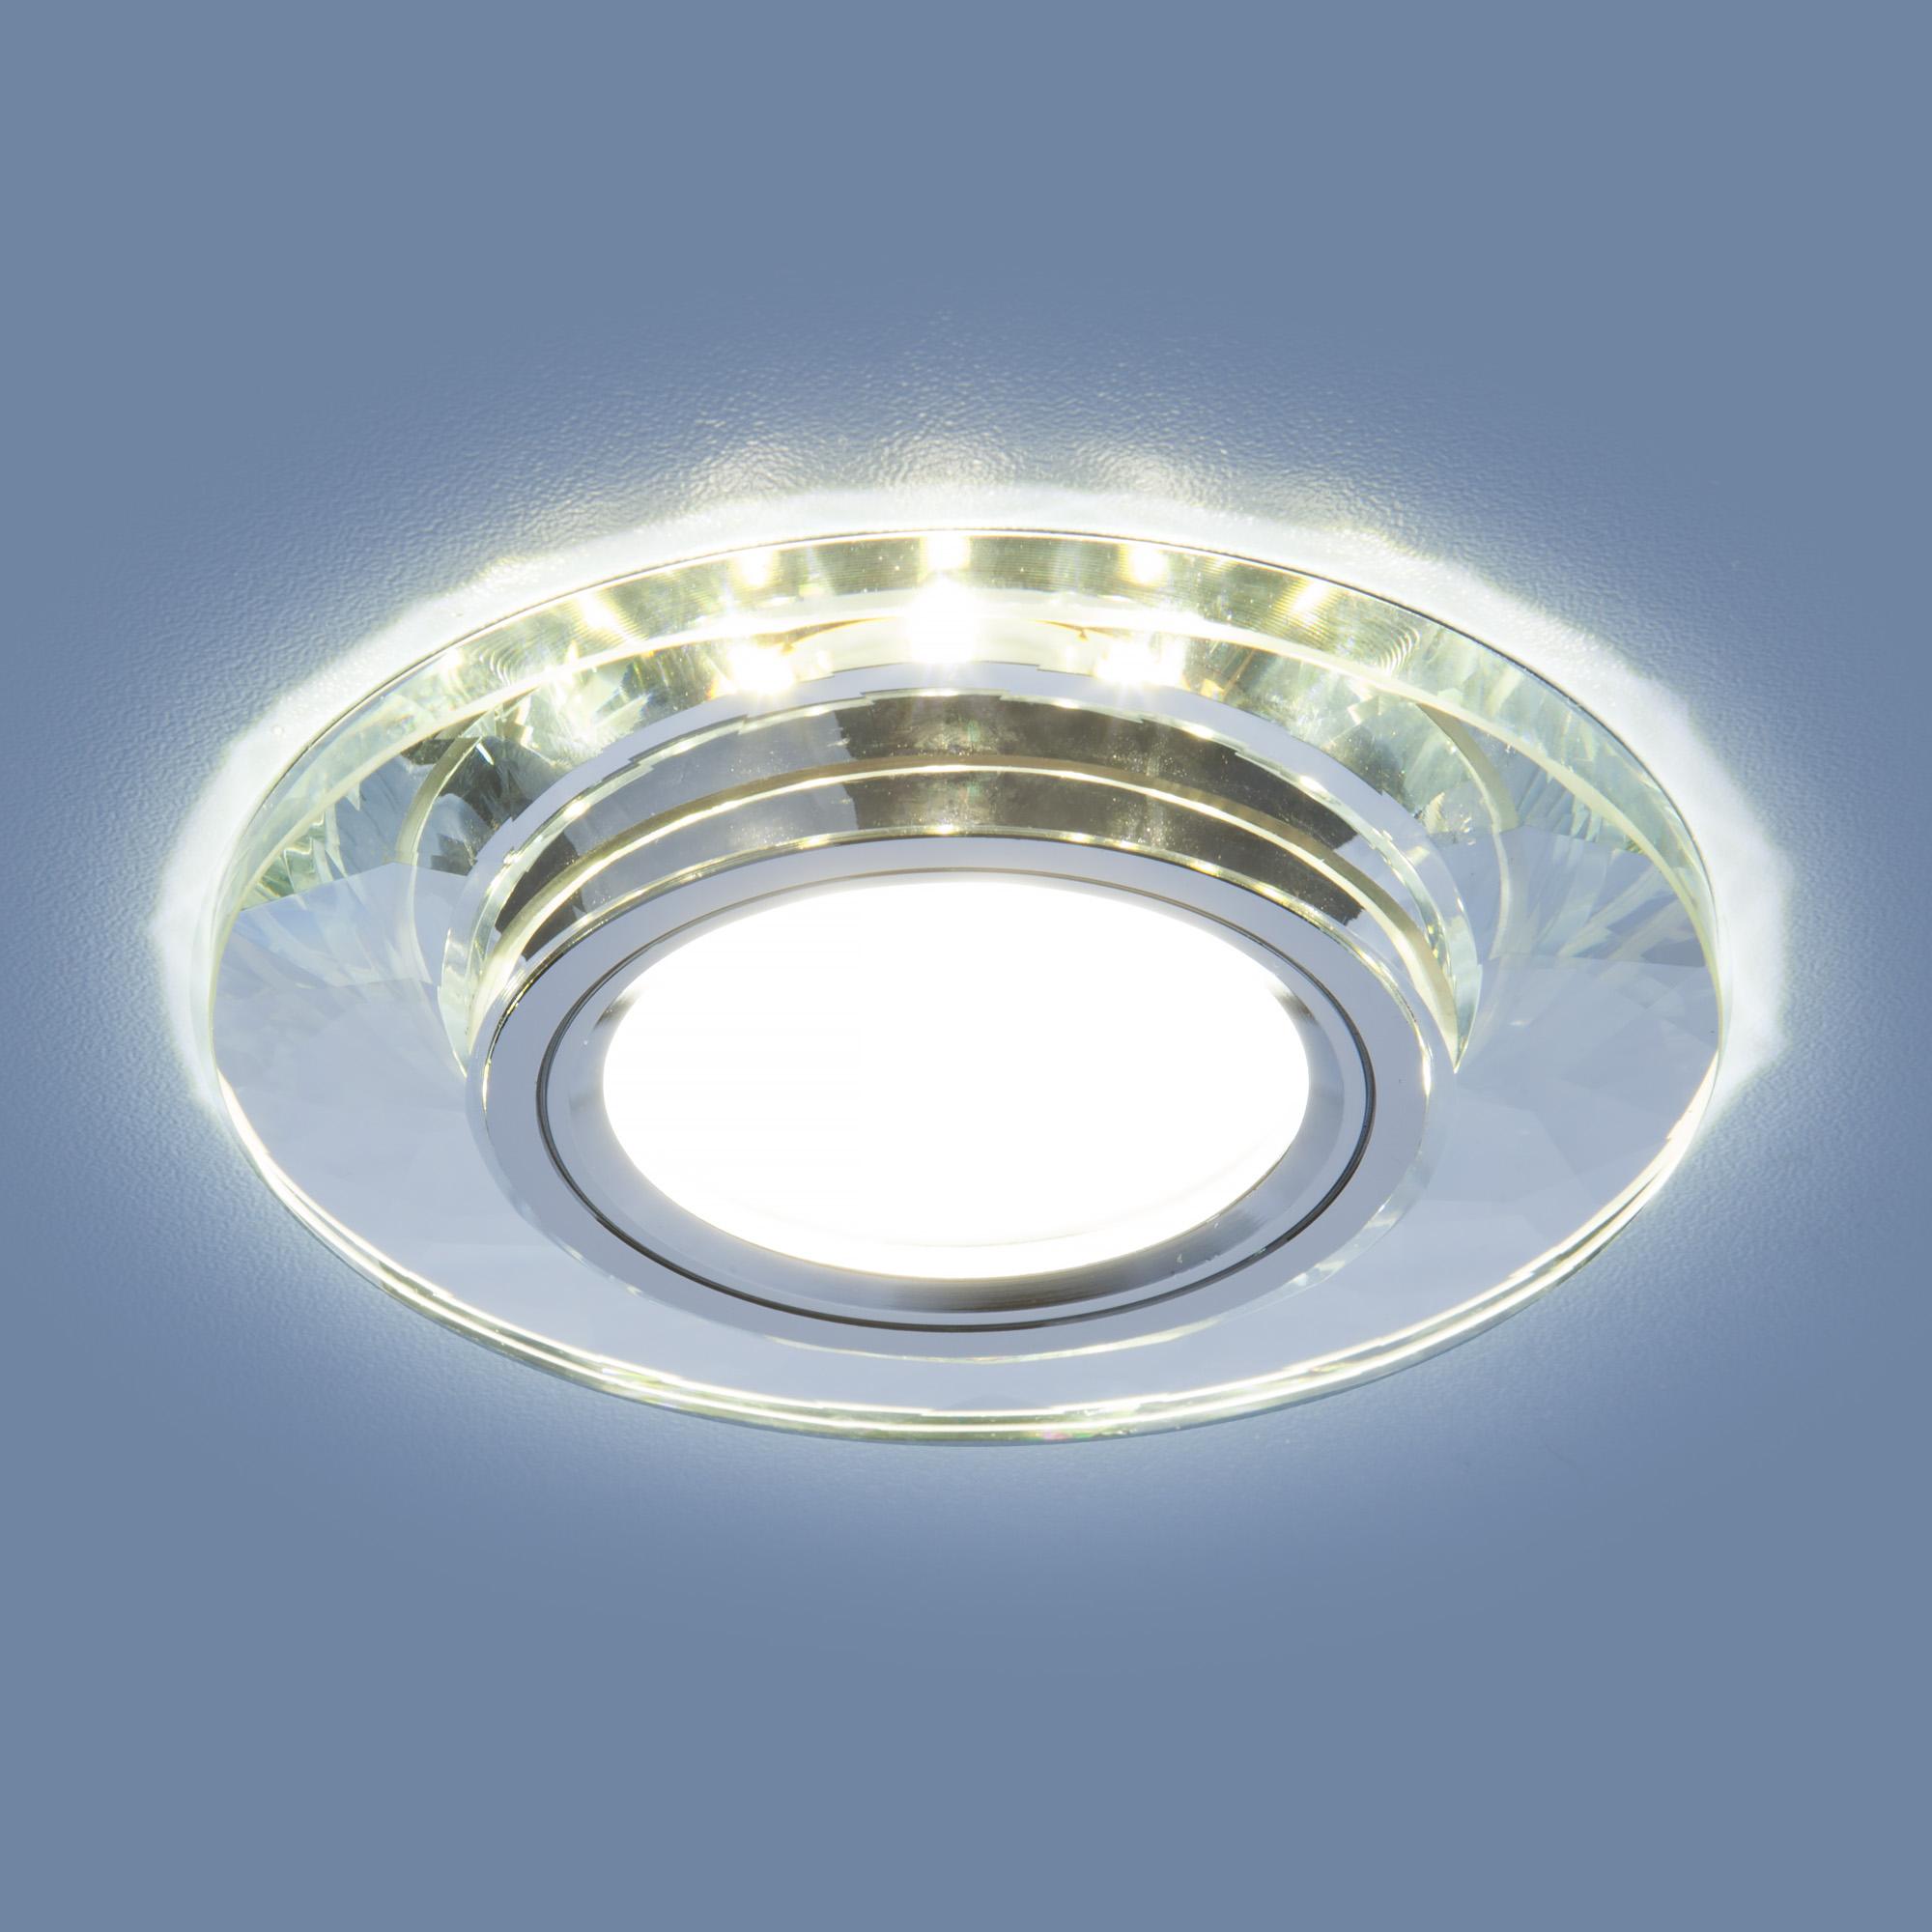 Светильник встраиваемый 2228SL зеркальный/серебро,(8150 MR16 SL)